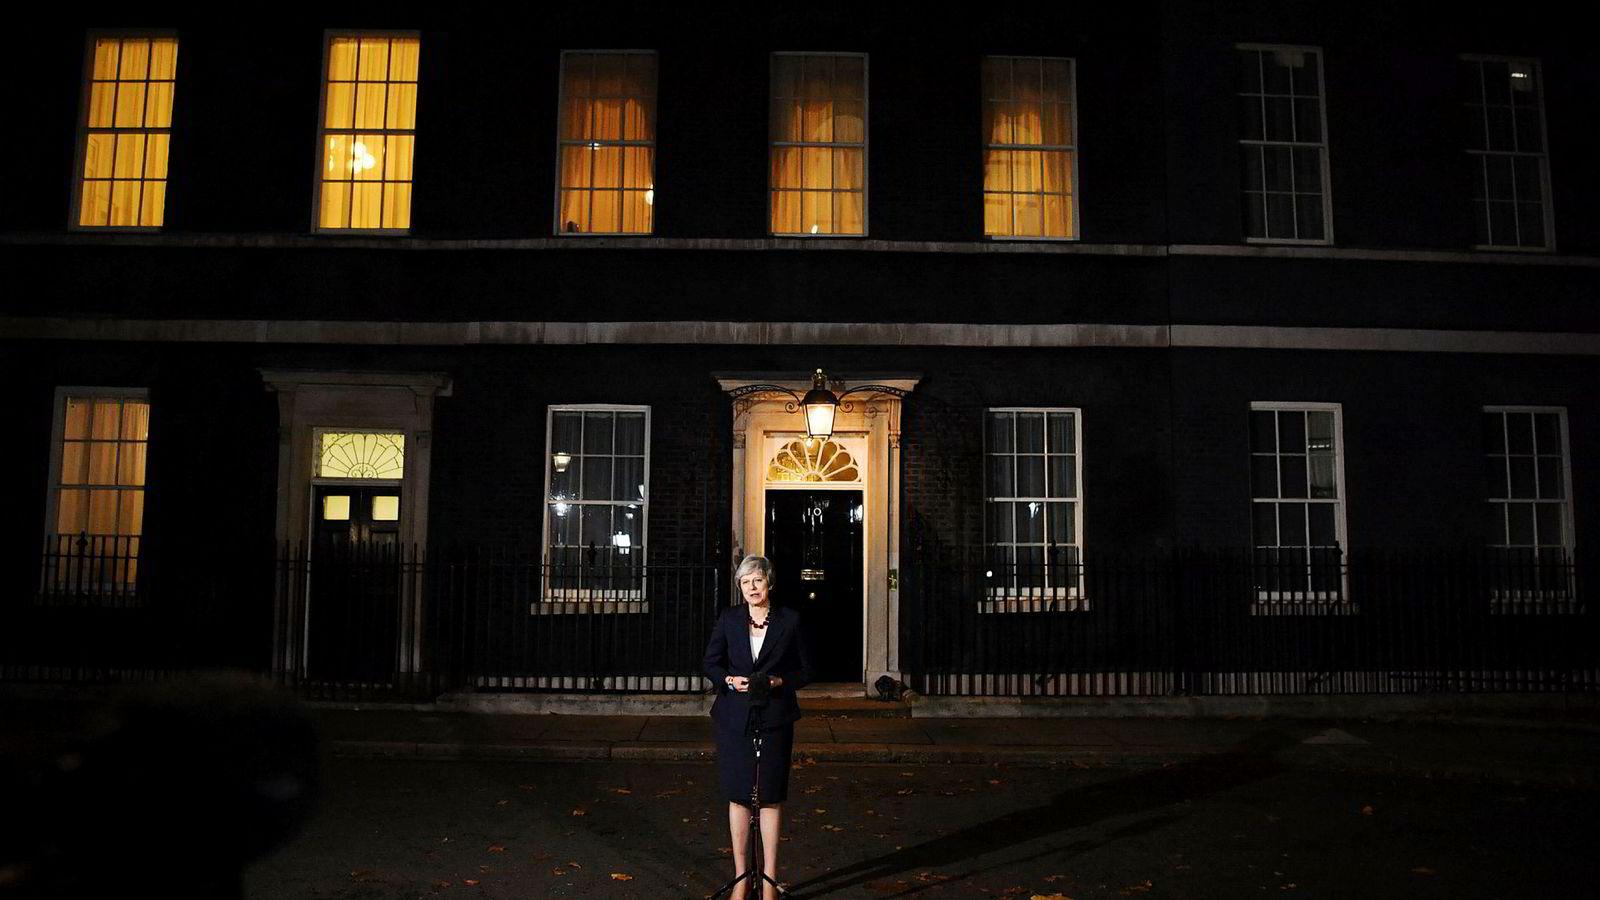 Storbritannias statsminister Theresa May presenterte regjeringens brexit-avtale utenfor Downing Street 10 onsdag kveld, før kaoset brøt løs torsdag formiddag.